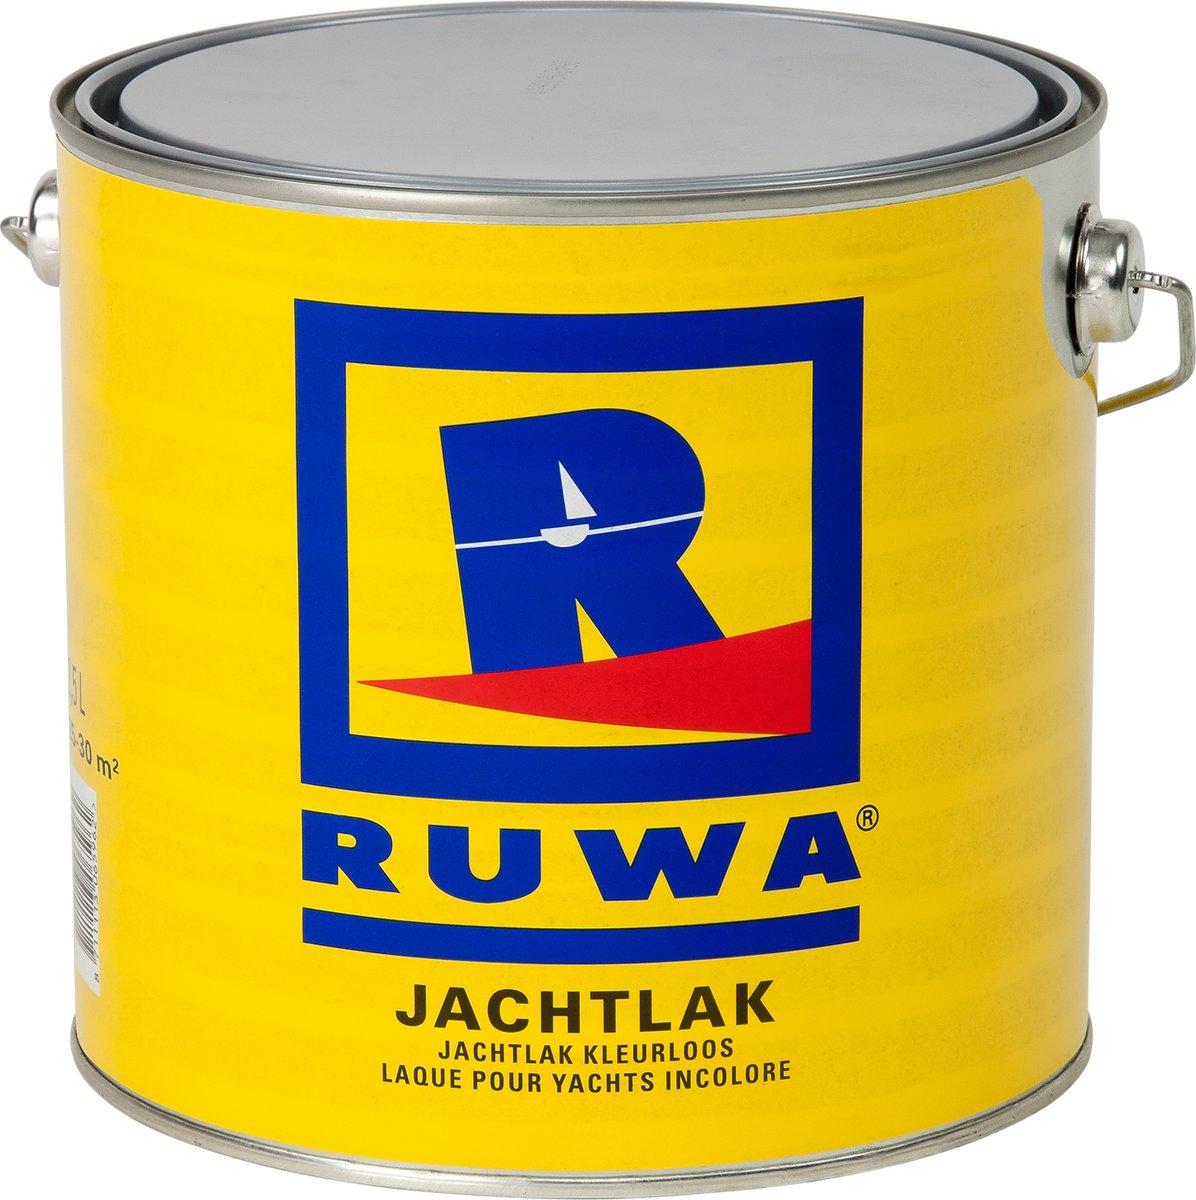 Ruwa Jachtlak Kleurloos 2,5 L